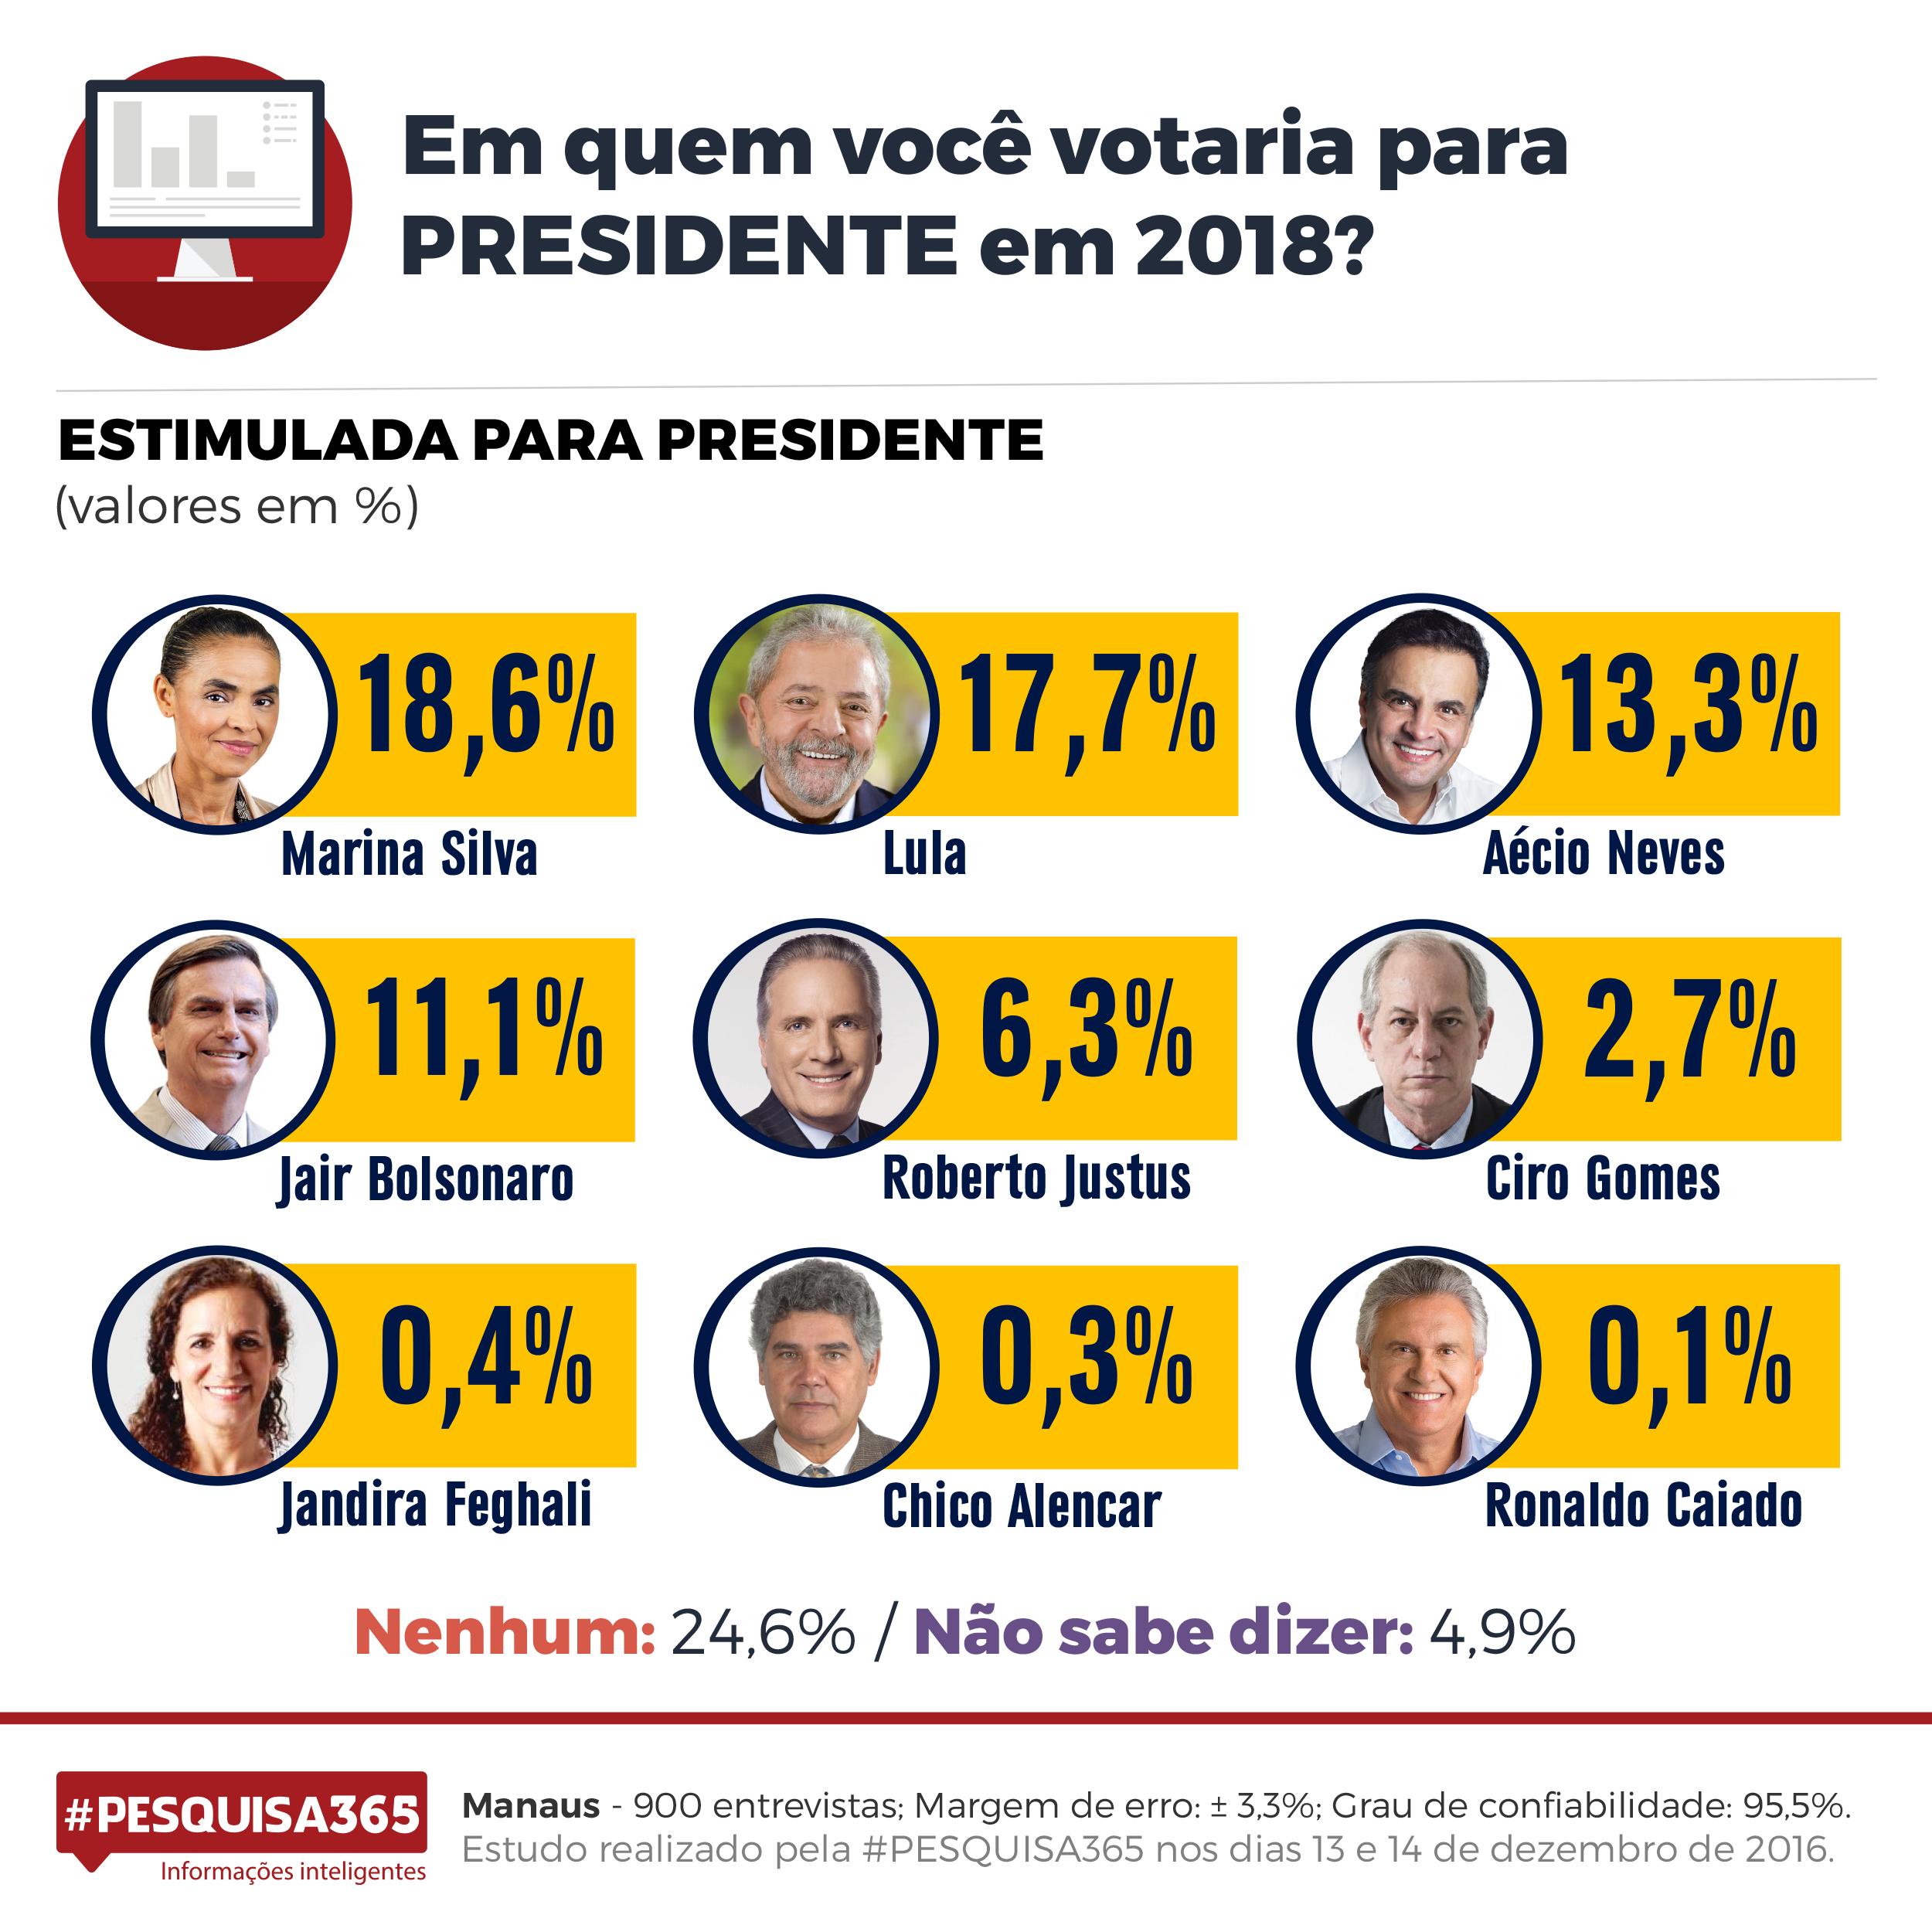 Durango Duarte - Sucessão presidencial: as intenções de votos do manauara